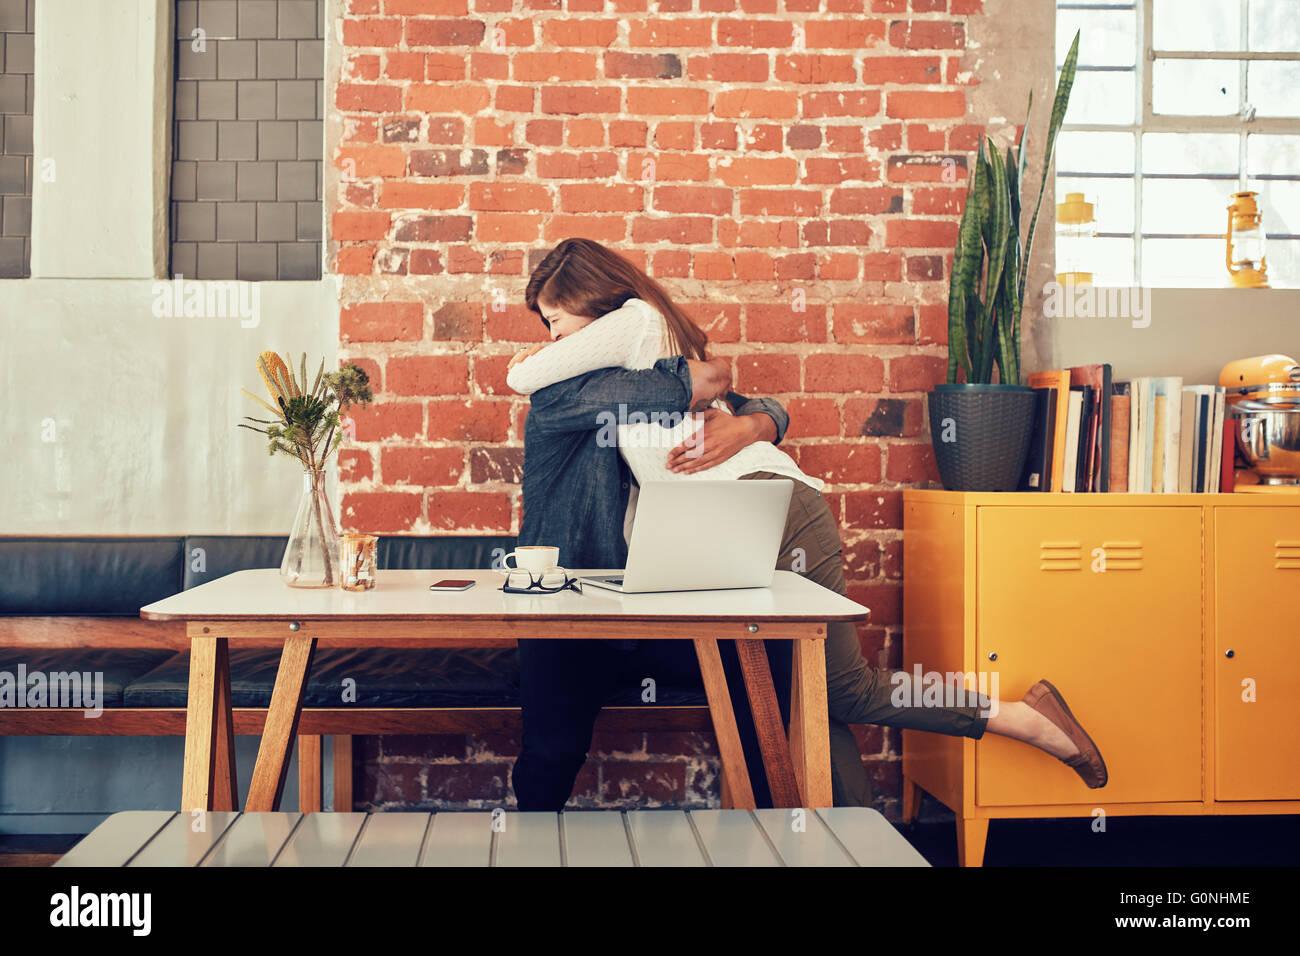 Retrato de un hombre y una mujer abrazándose entre sí en un café, un par de reunión en una cafetería. Foto de stock